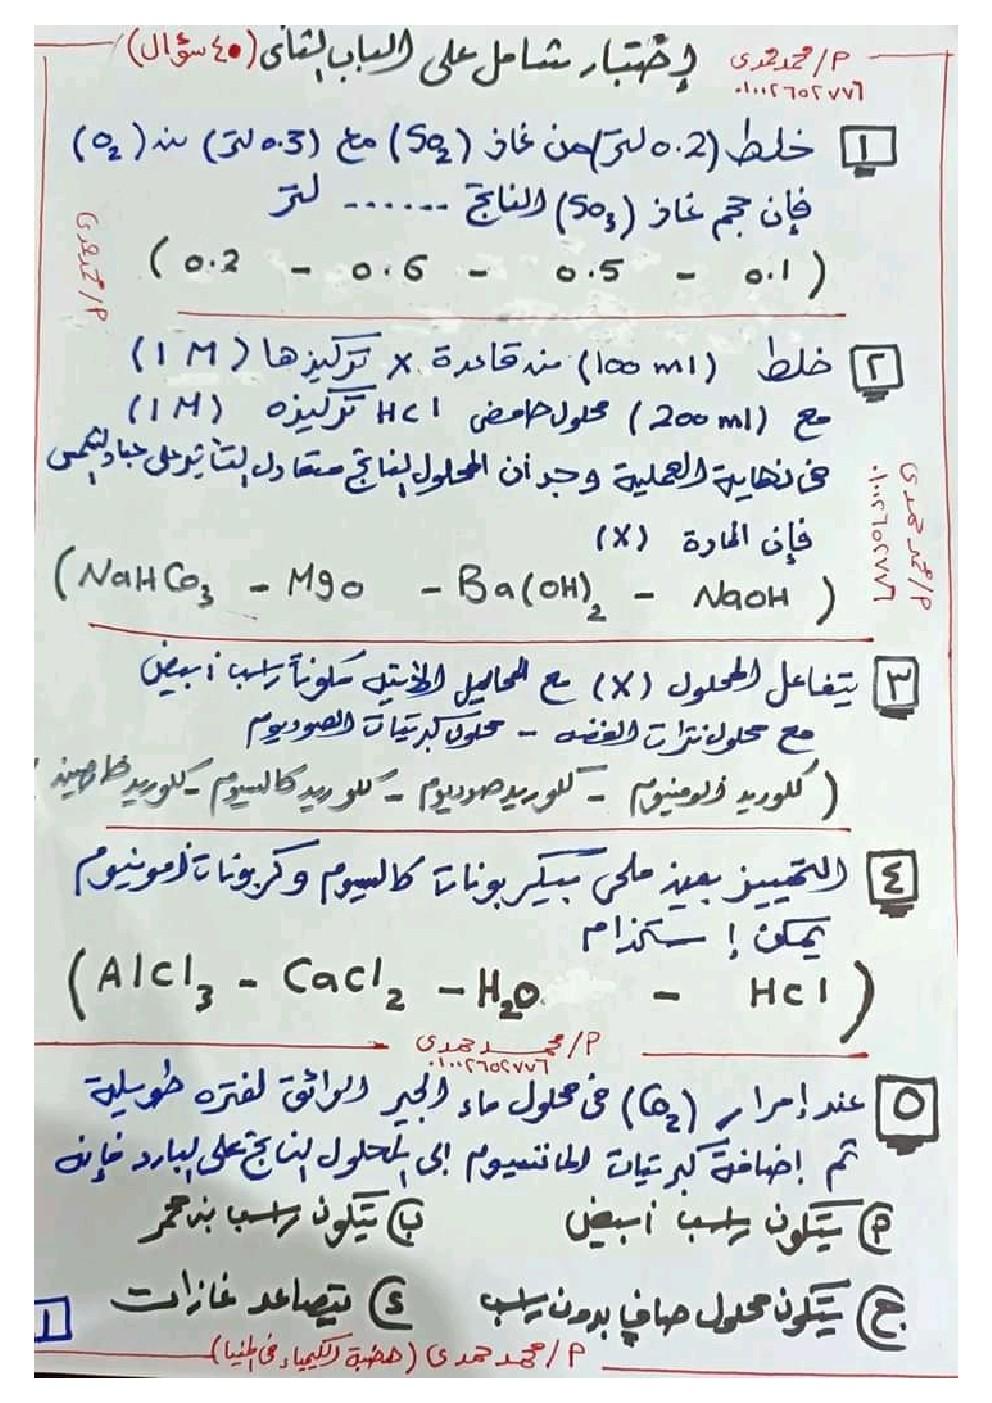 40 سؤال فى الكيمياء للصف الثالث الثانوى نظام جديد2021 (اختبار شامل)